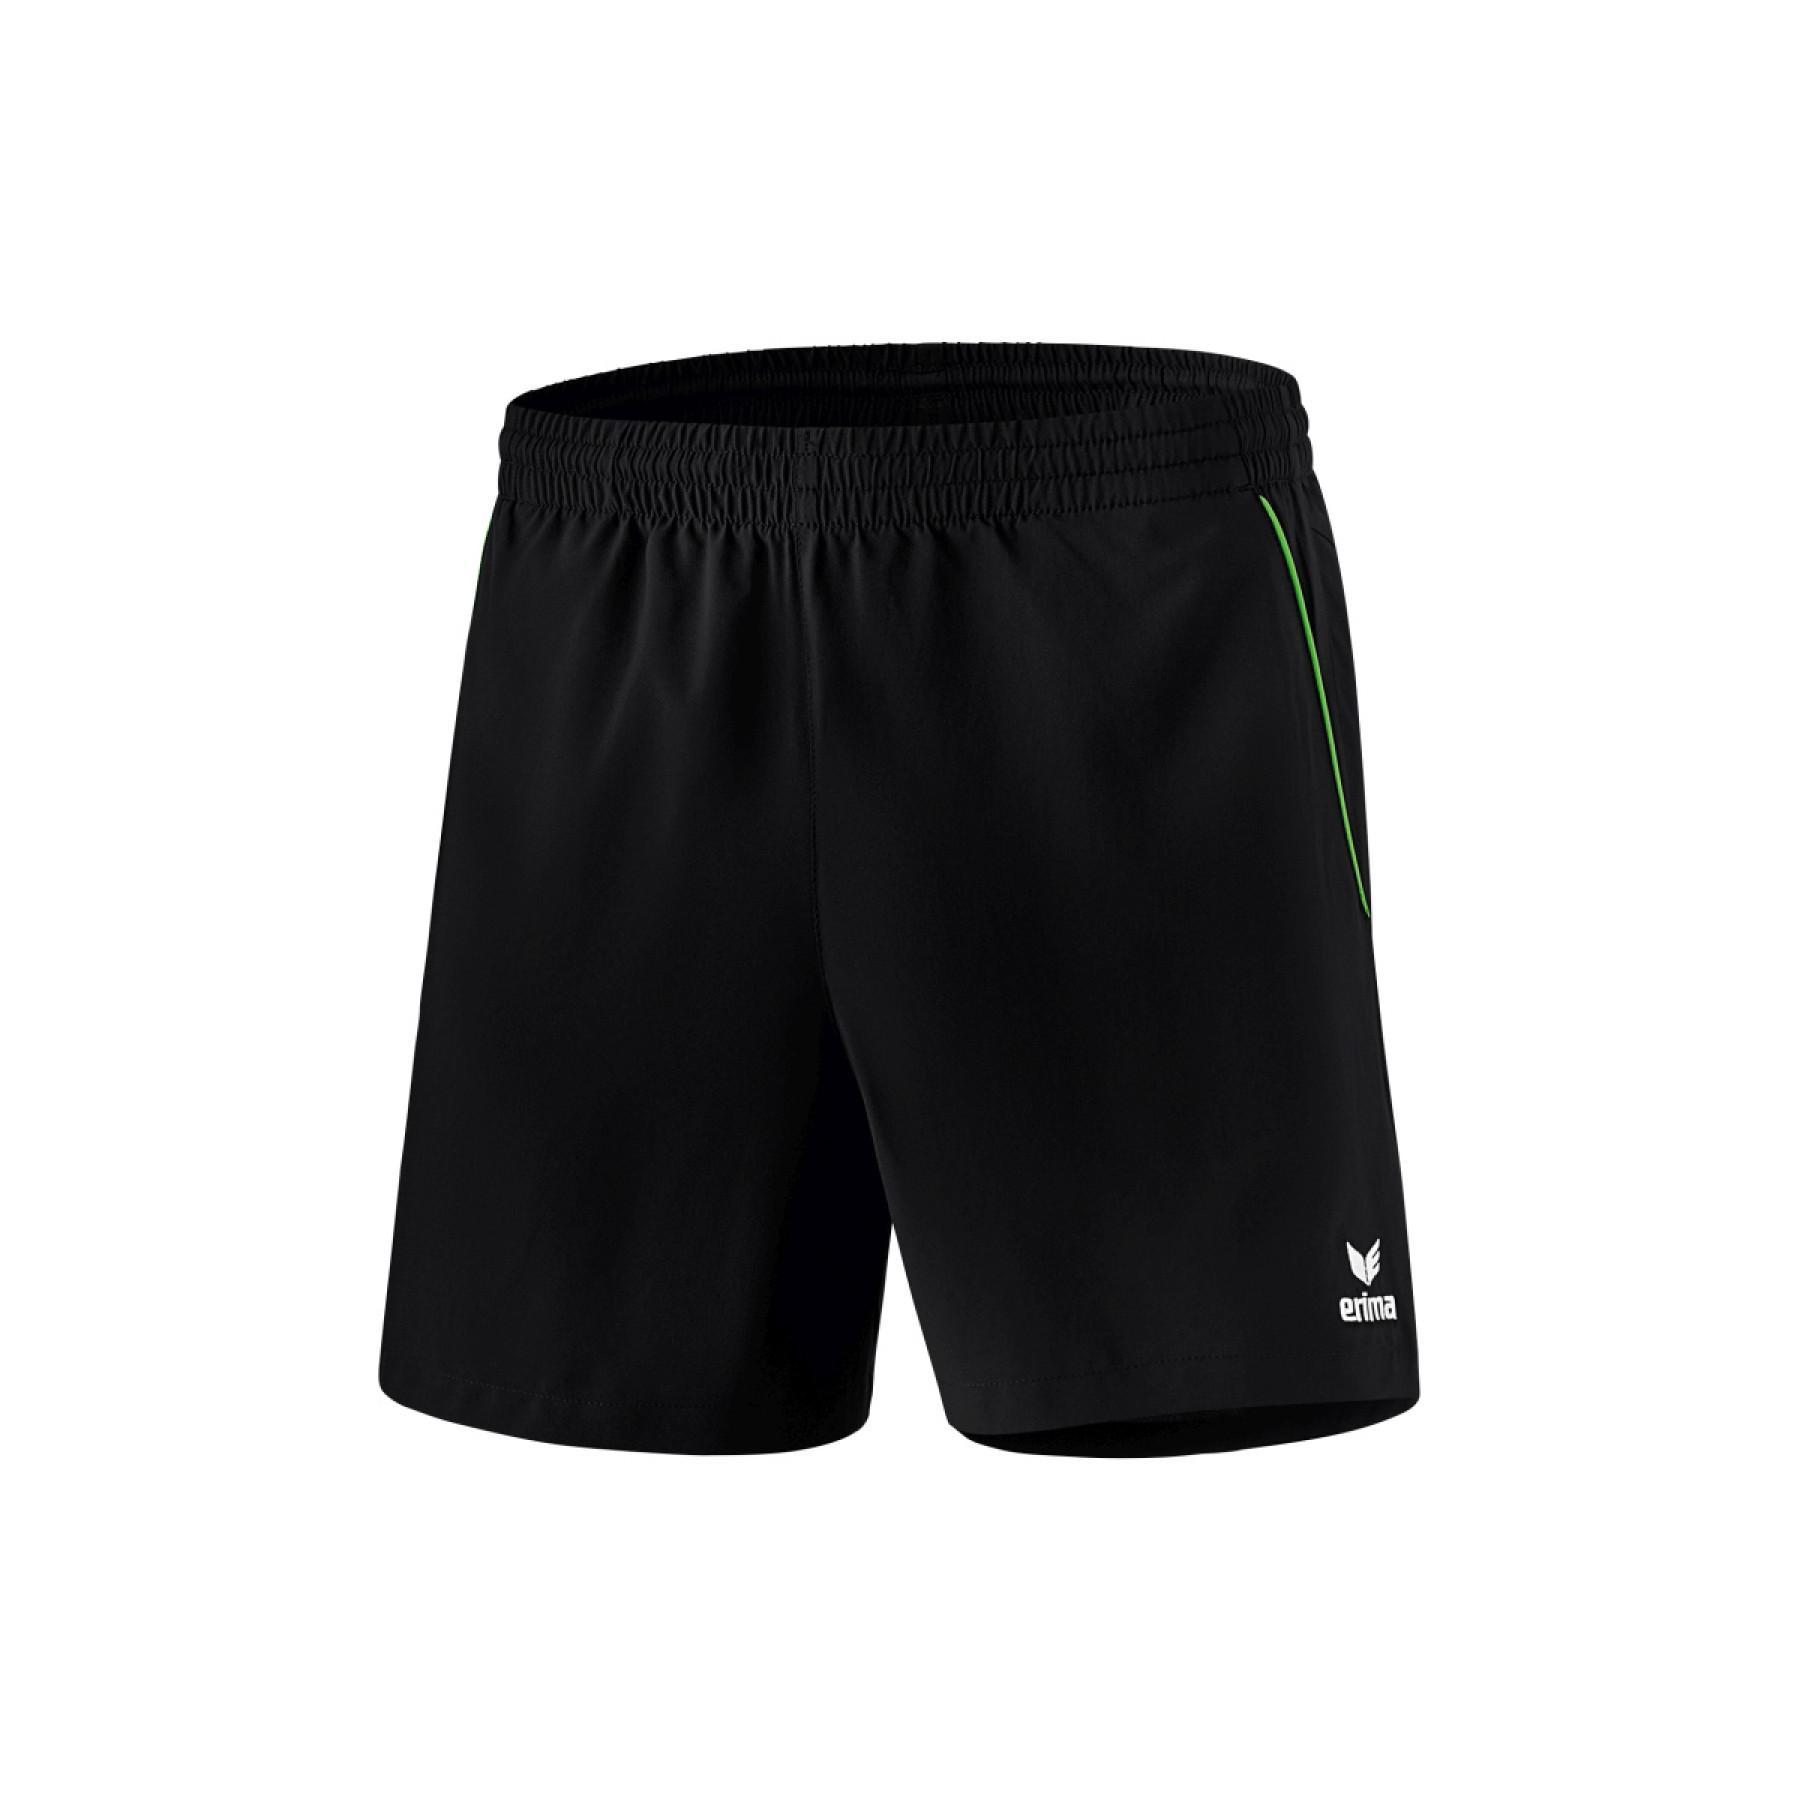 leisure shorts Erima